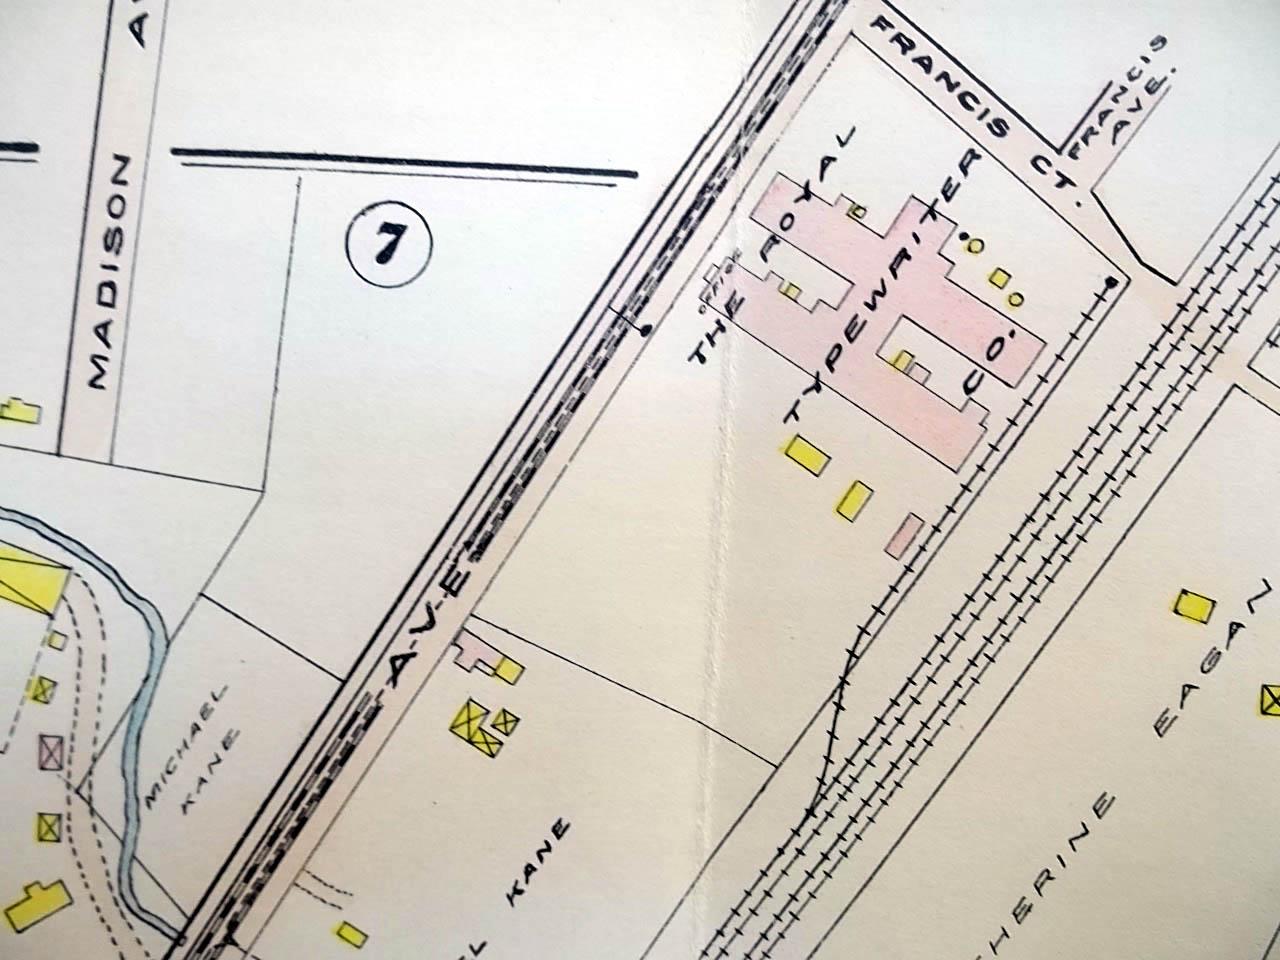 1909 Hartford CT Map: Trinity College; Royal Typewriter; Kane Brick ...